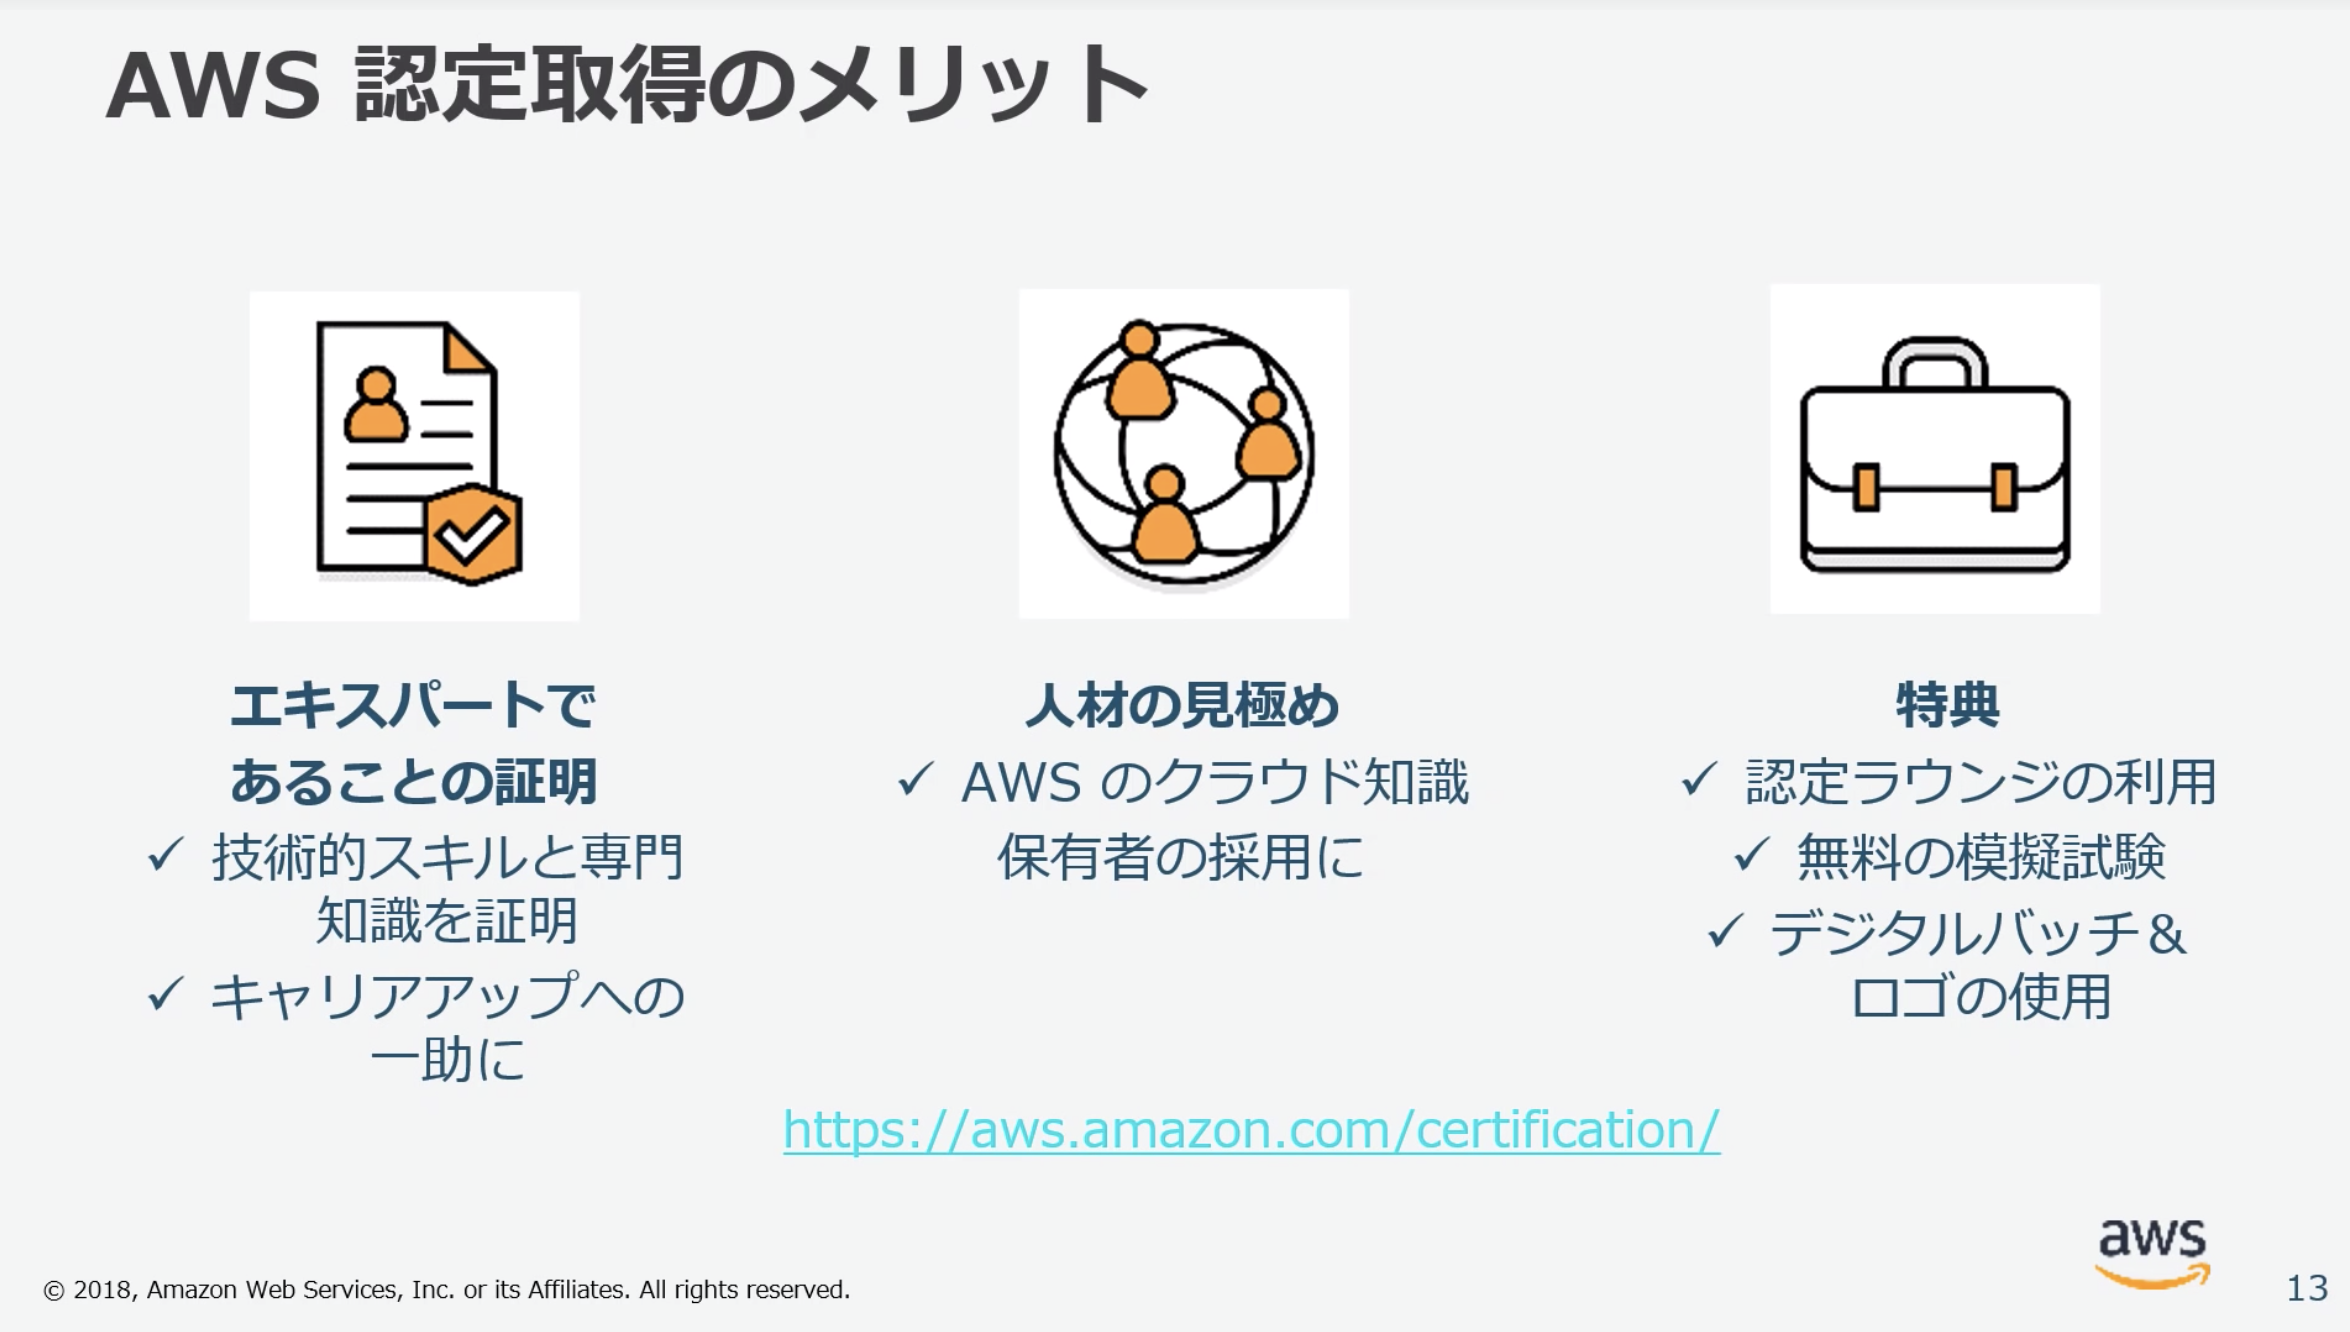 AWS認定取得のメリット